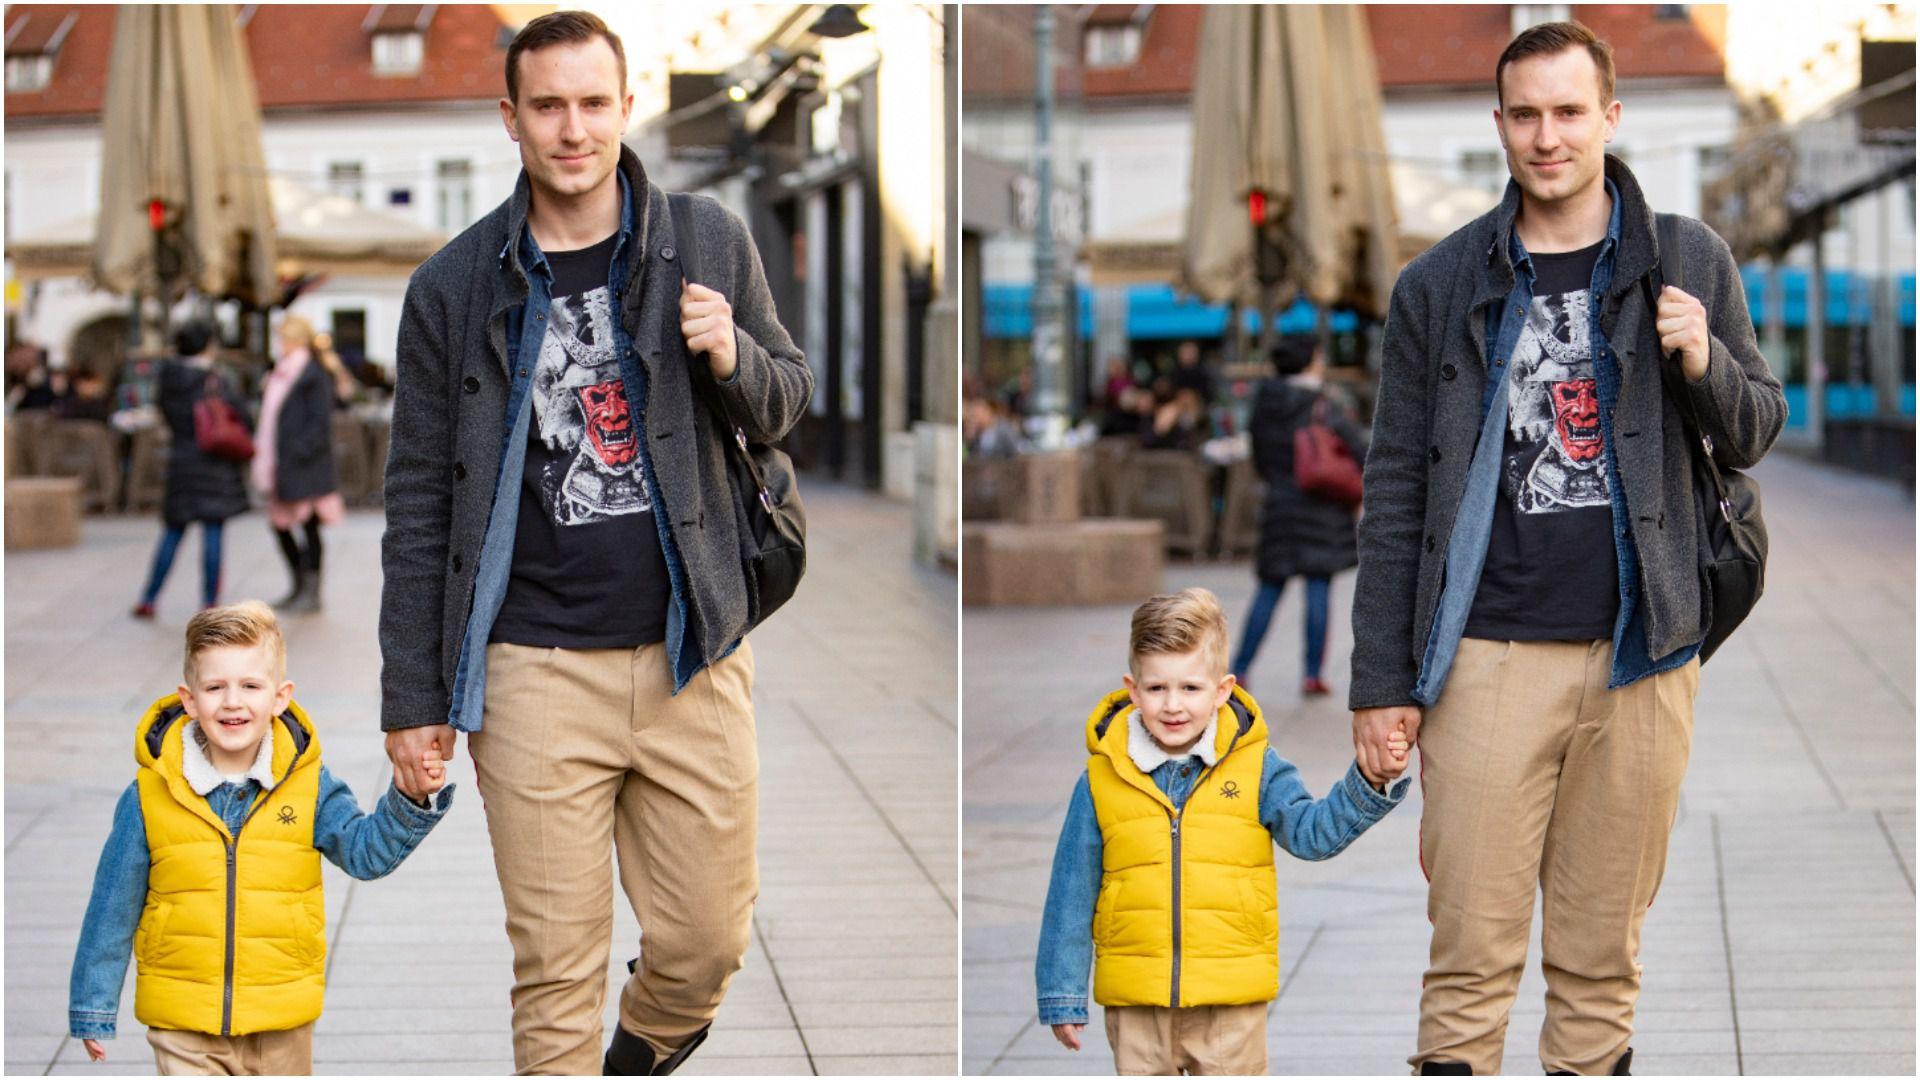 Stylish tata i njegov sinčić bili su glavne zvijezde špice u matchy-matchy odjevnim kombinacijama